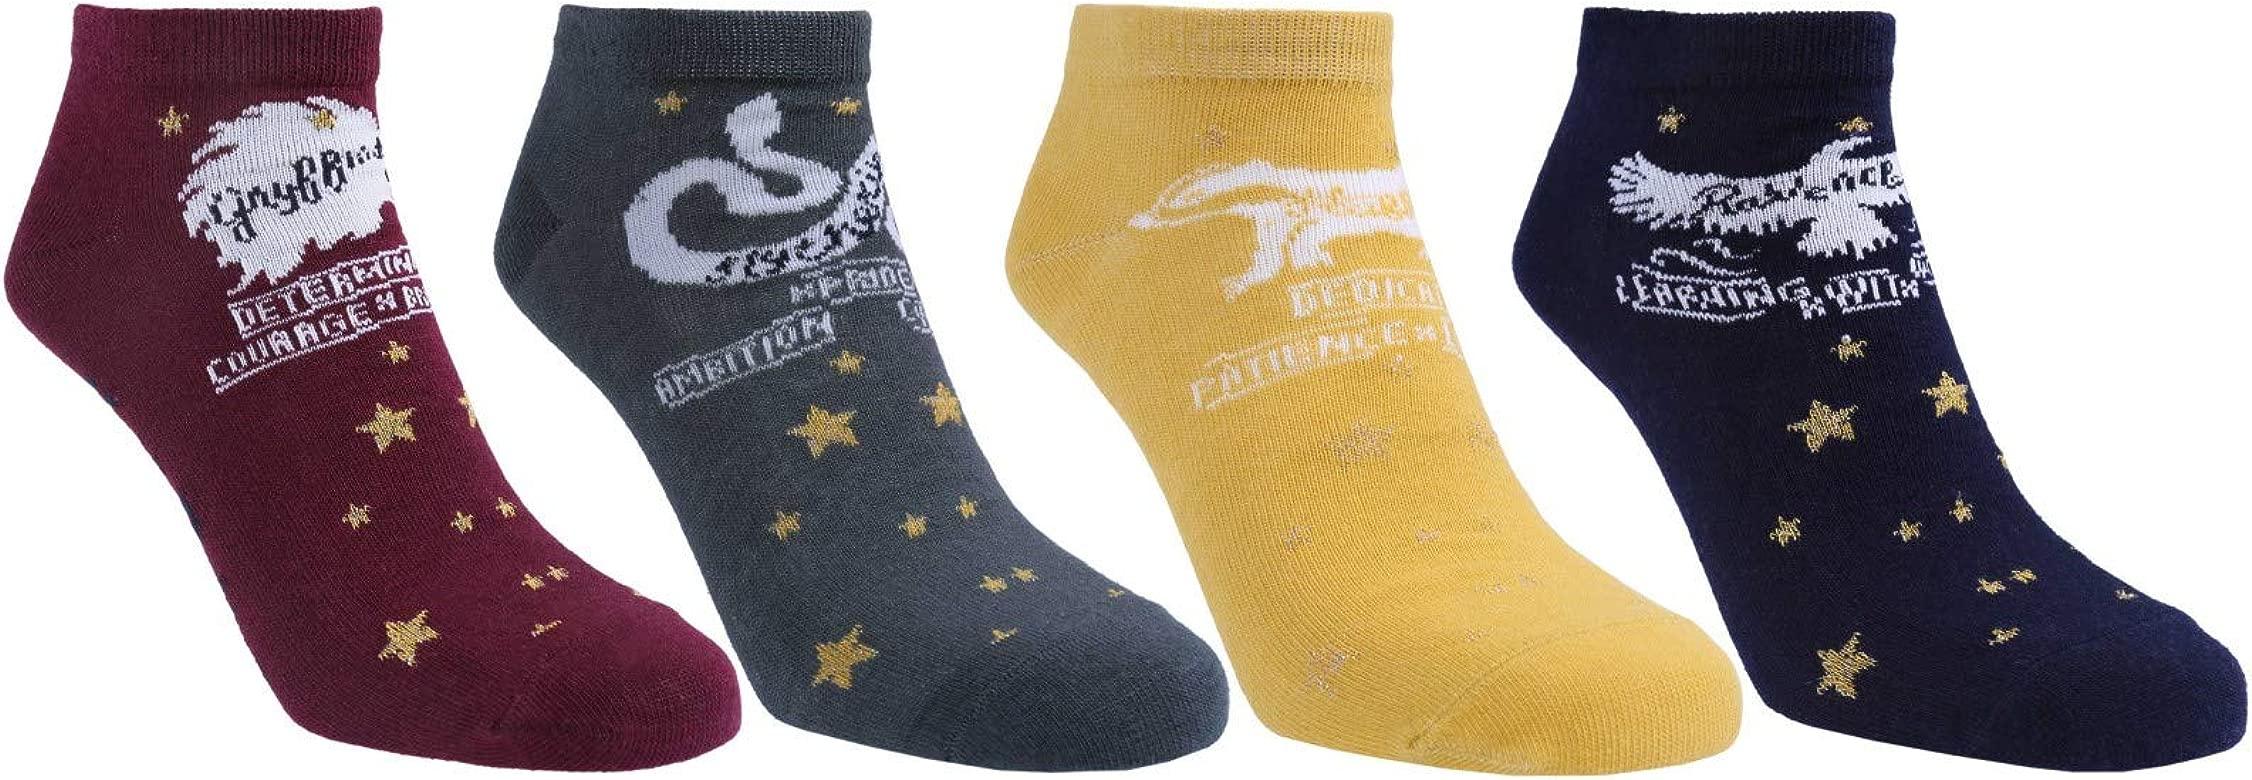 Harry Potter Shoe Liner Hogwart Badge Pack Of 4 Hosiery Socks 4-8 Primark